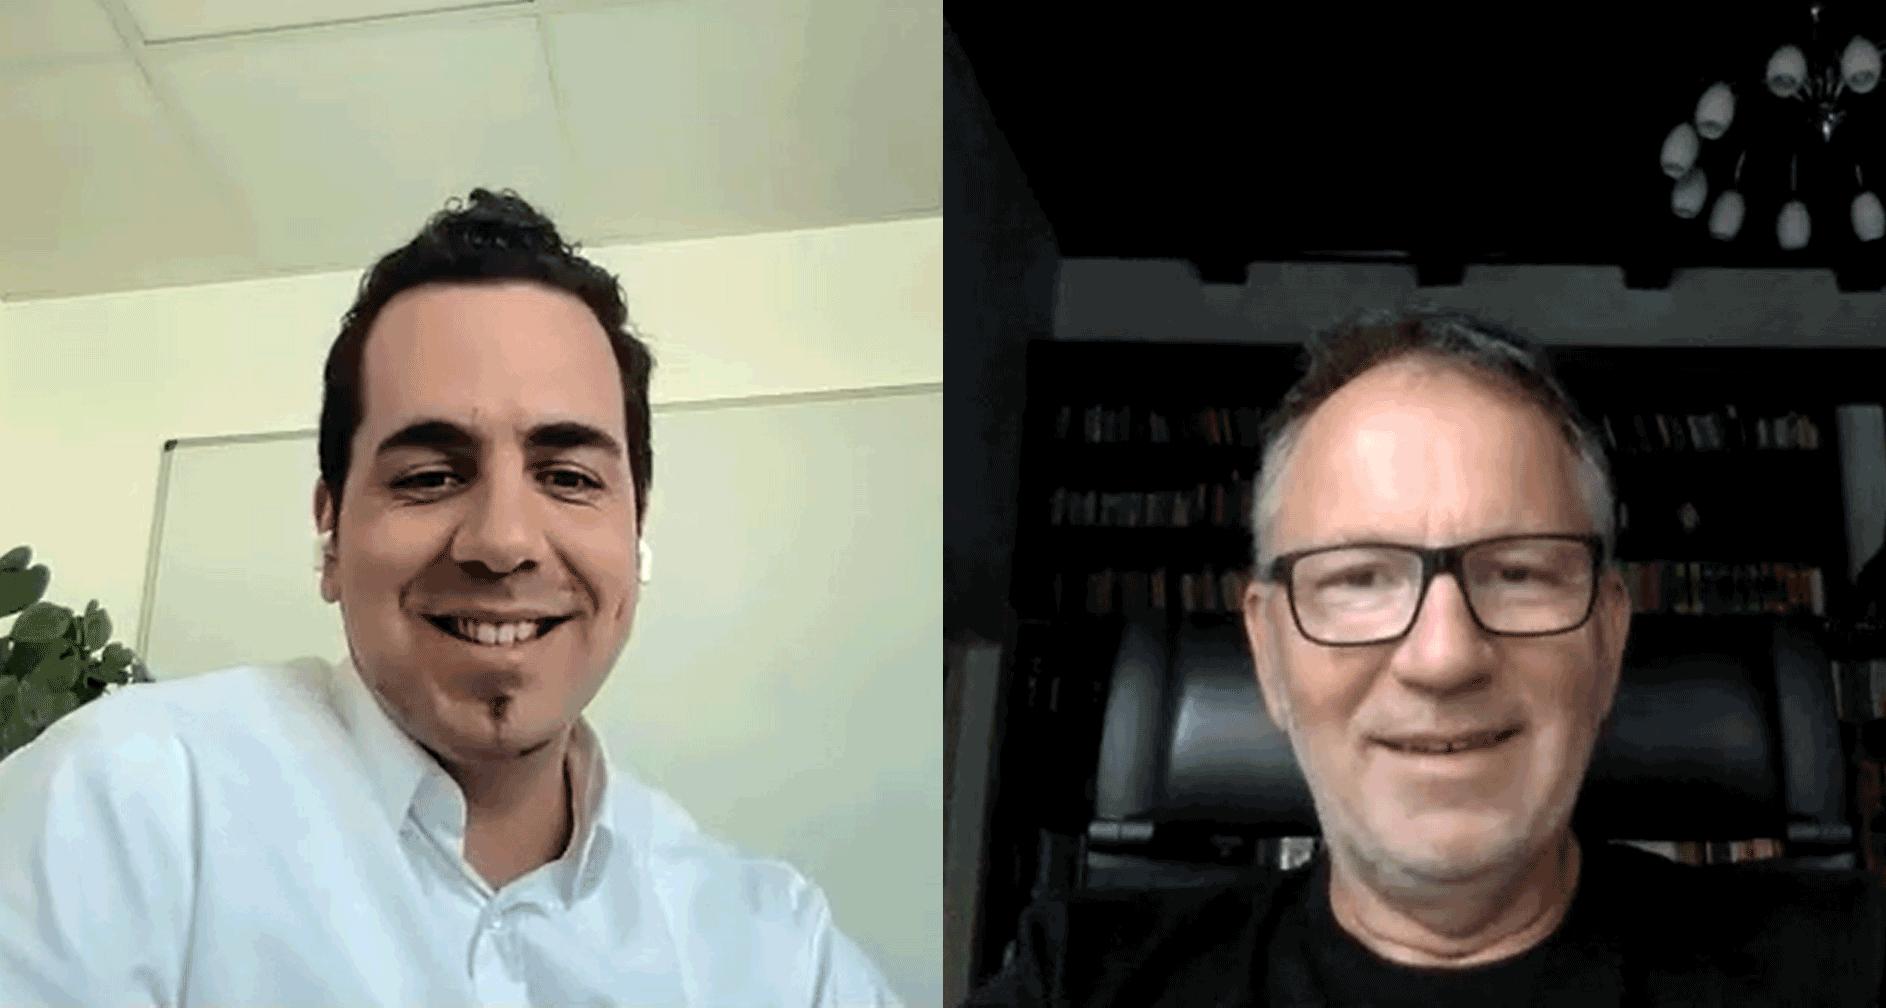 Lám István (Tresorit, Alapító) és Simó György (Day One Capital, Partner) beszélgettek.